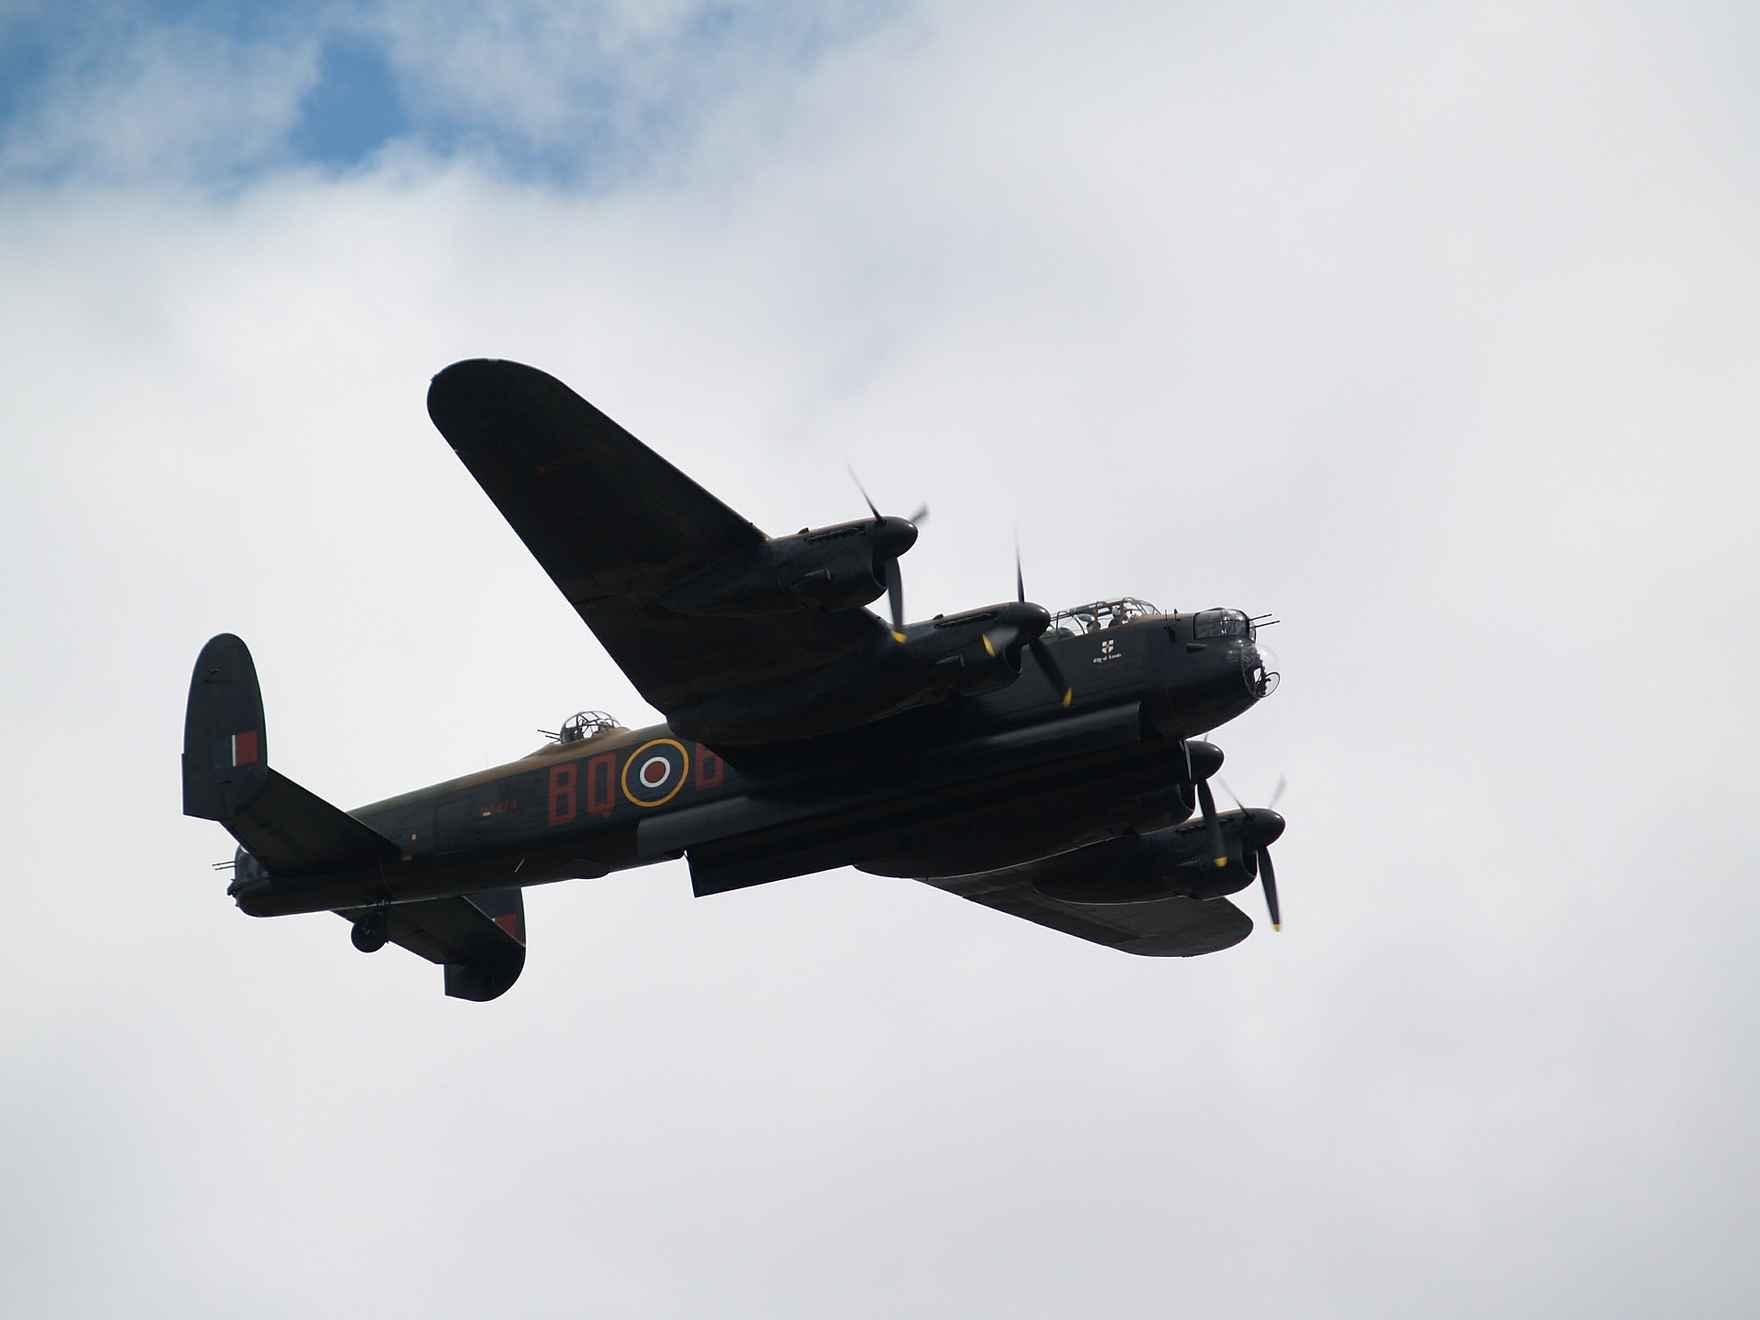 bomber-429985_1920.jpg